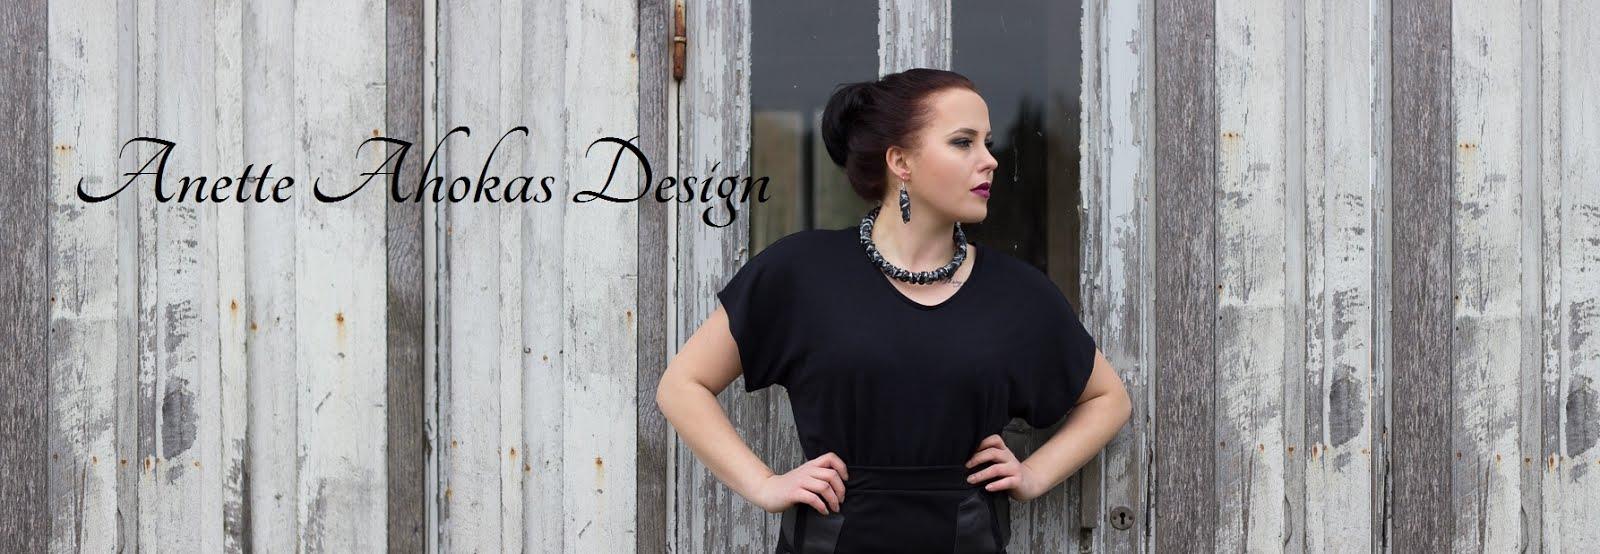 Anette Ahokas Design